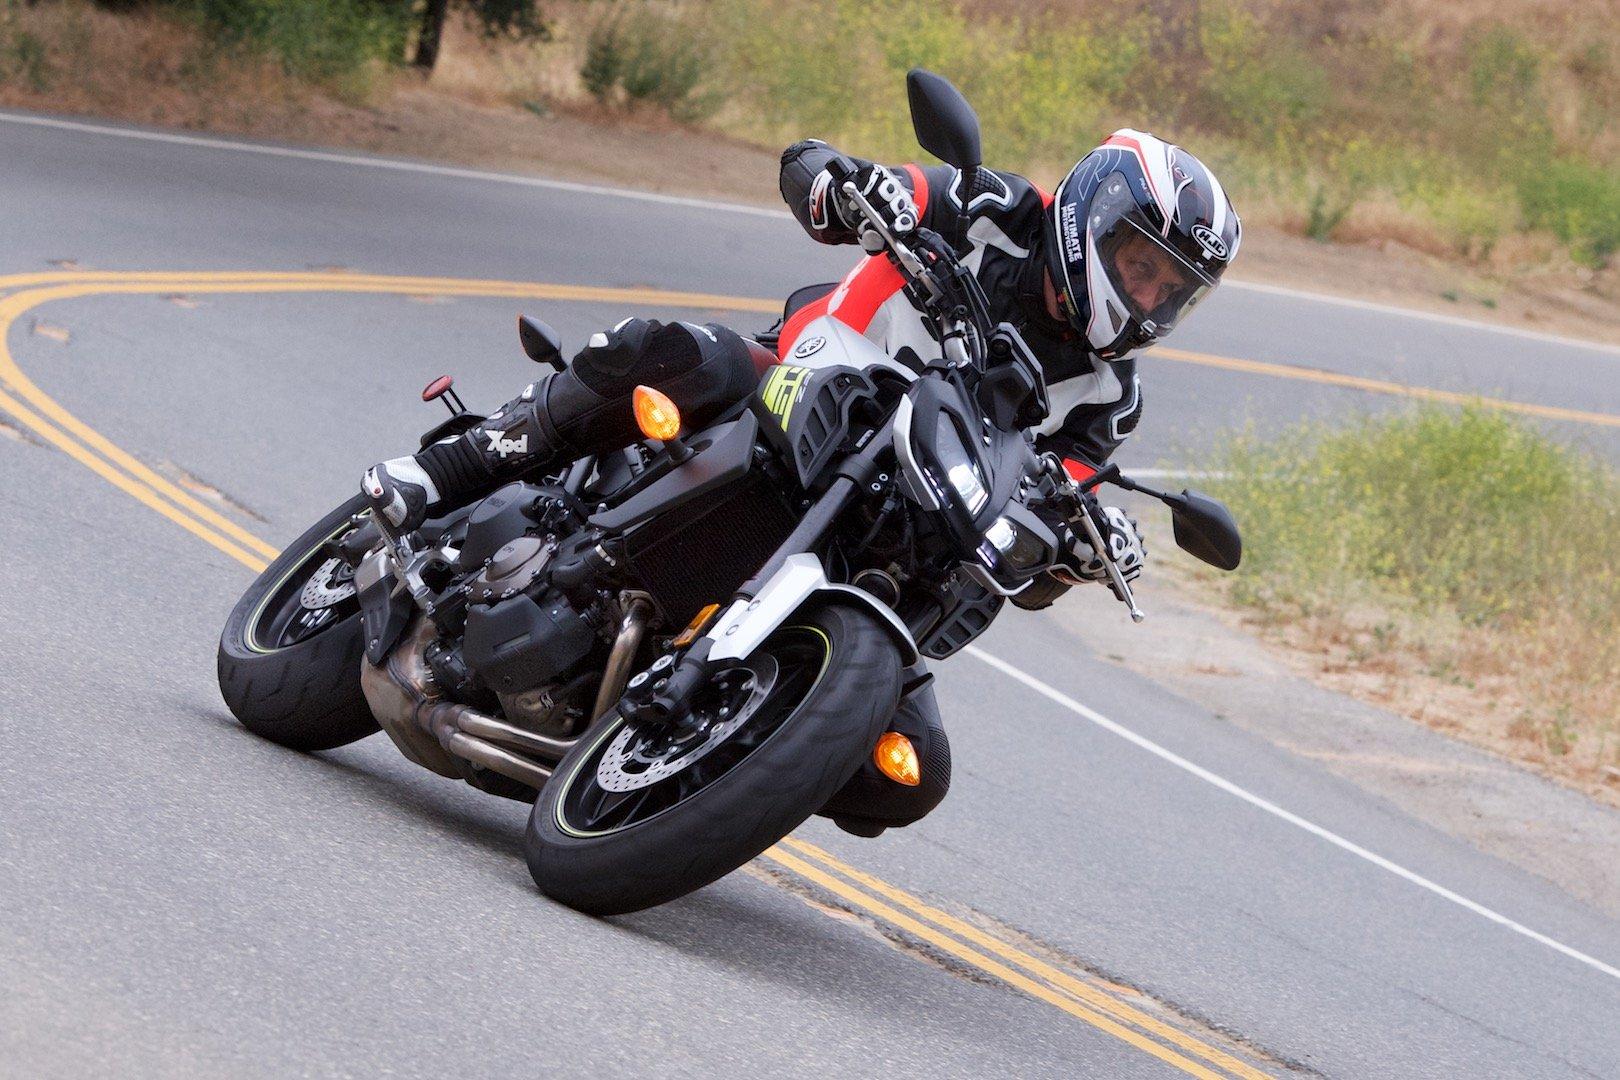 2017 Yamaha FZ-09 top speed